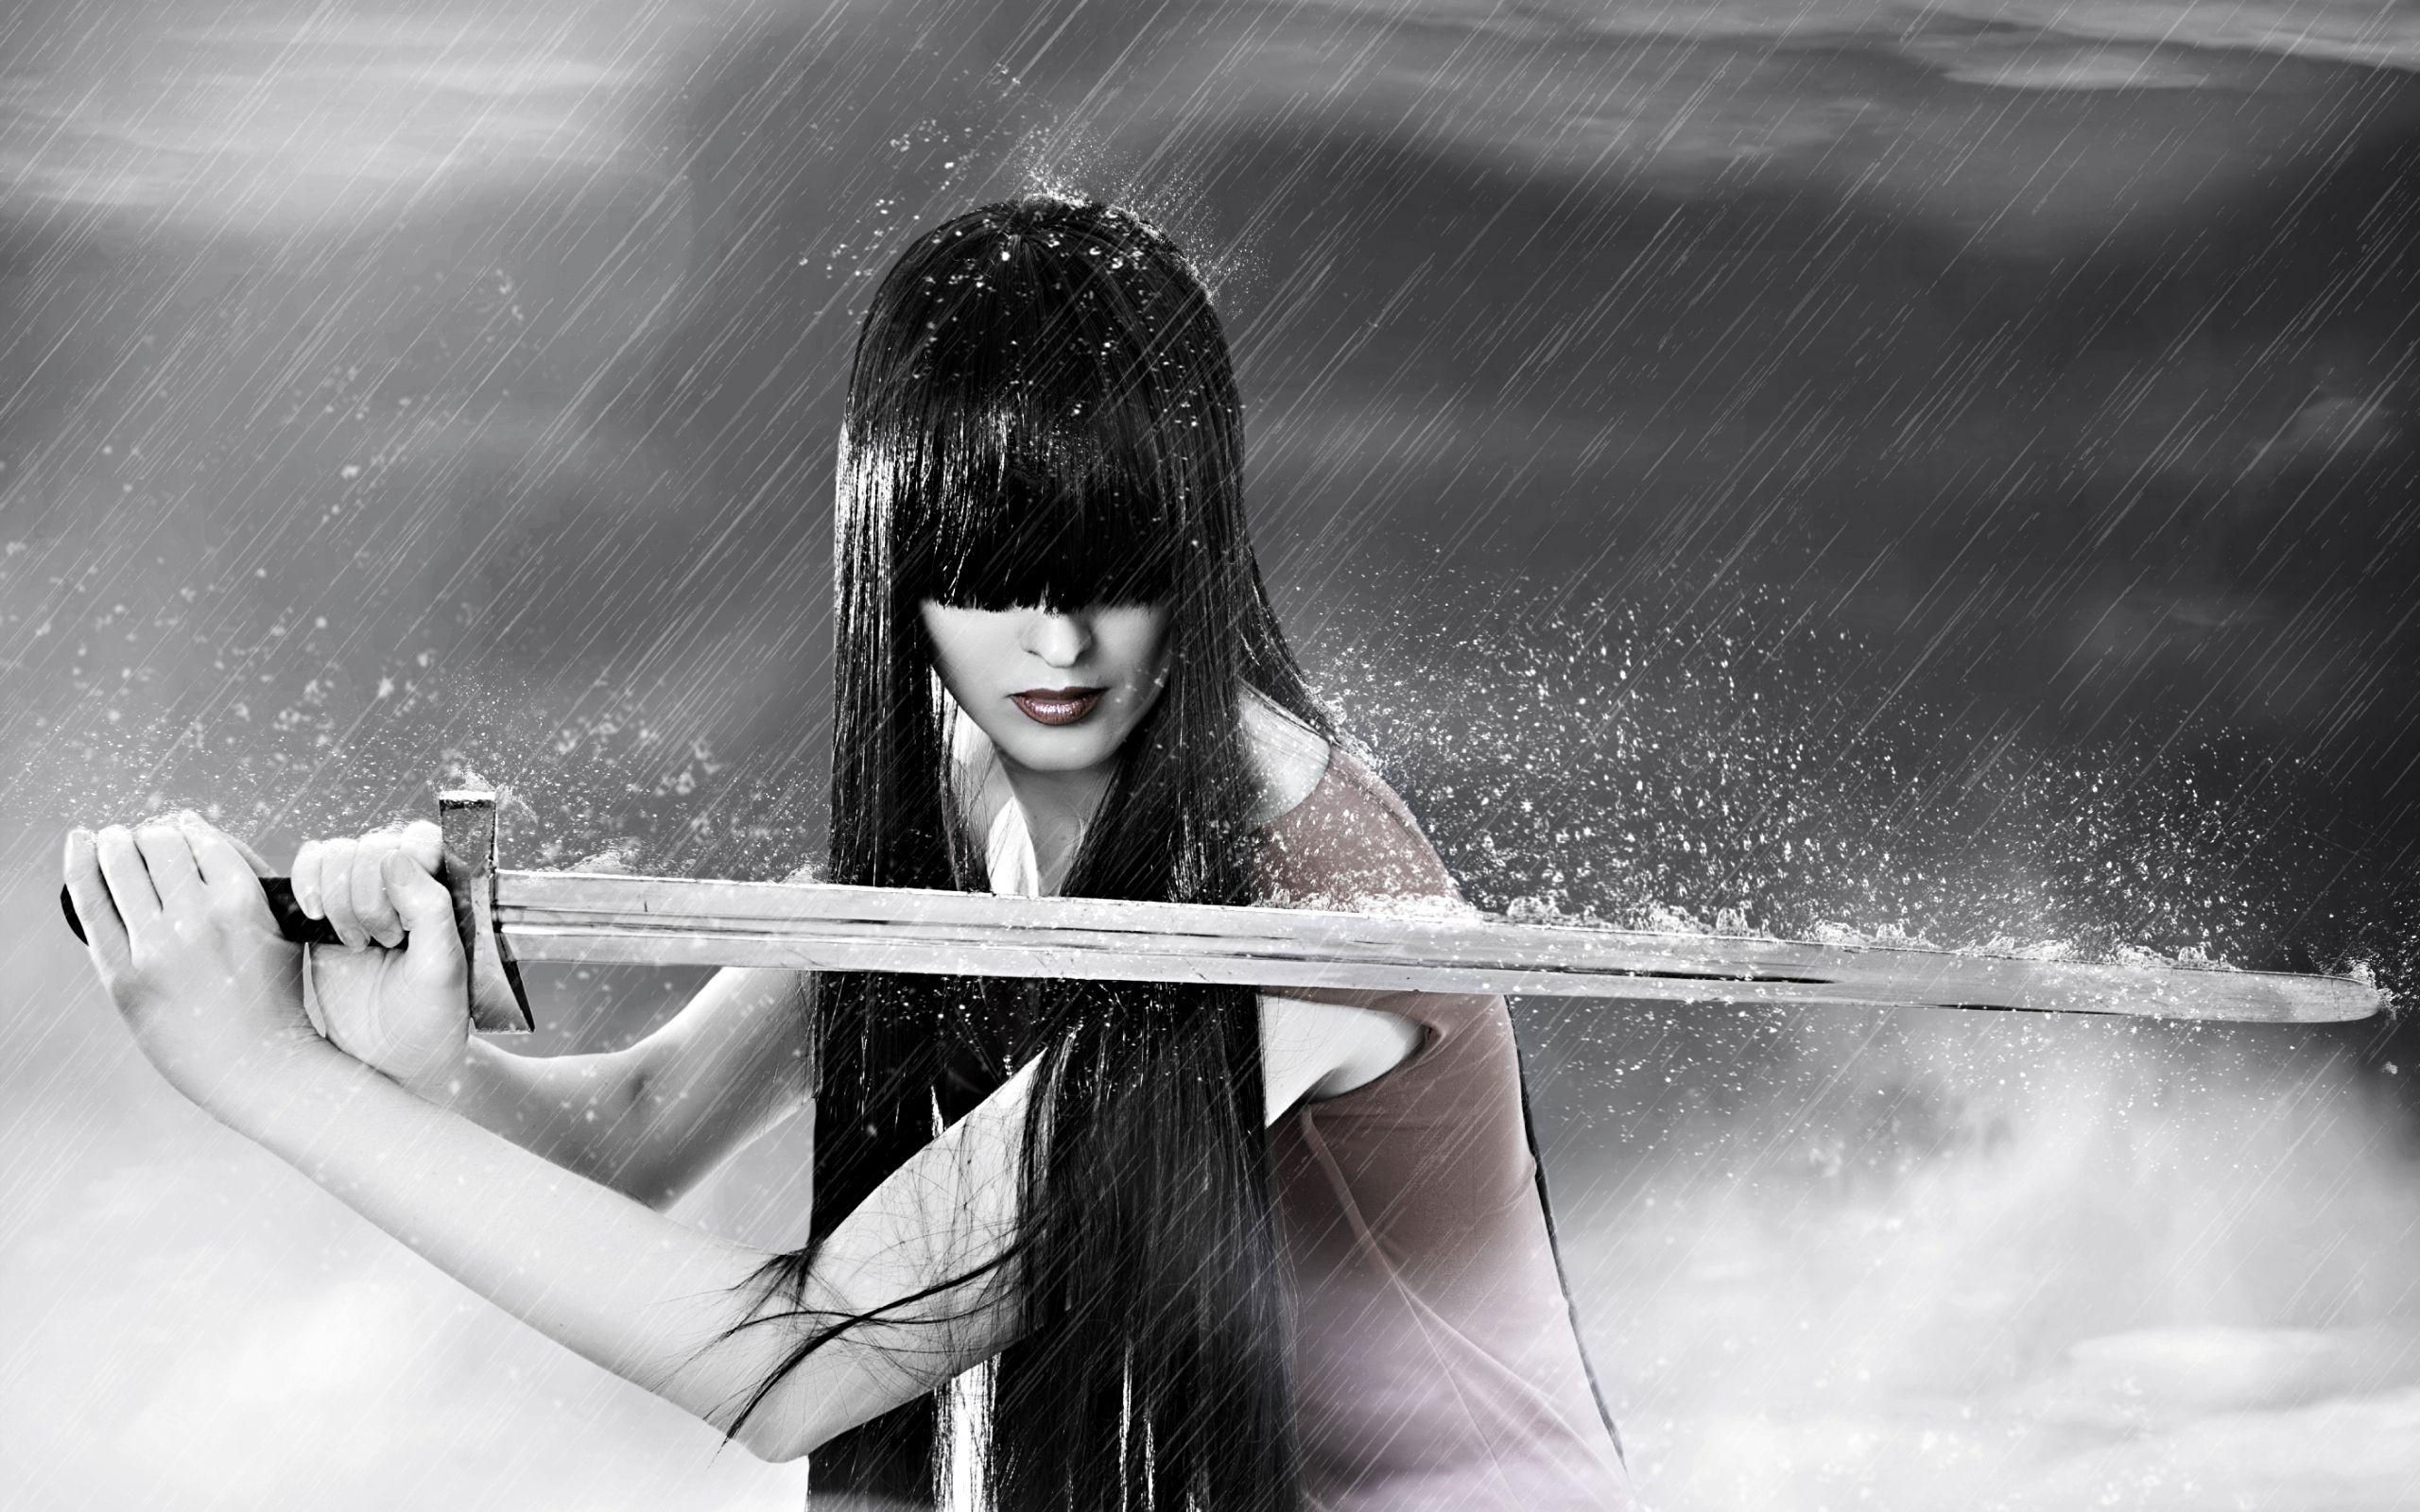 Women Warrior Artwork Sword Rain Cyberpunk Cyberpunk: Sword Warrior Girl In Rain Wallpapers